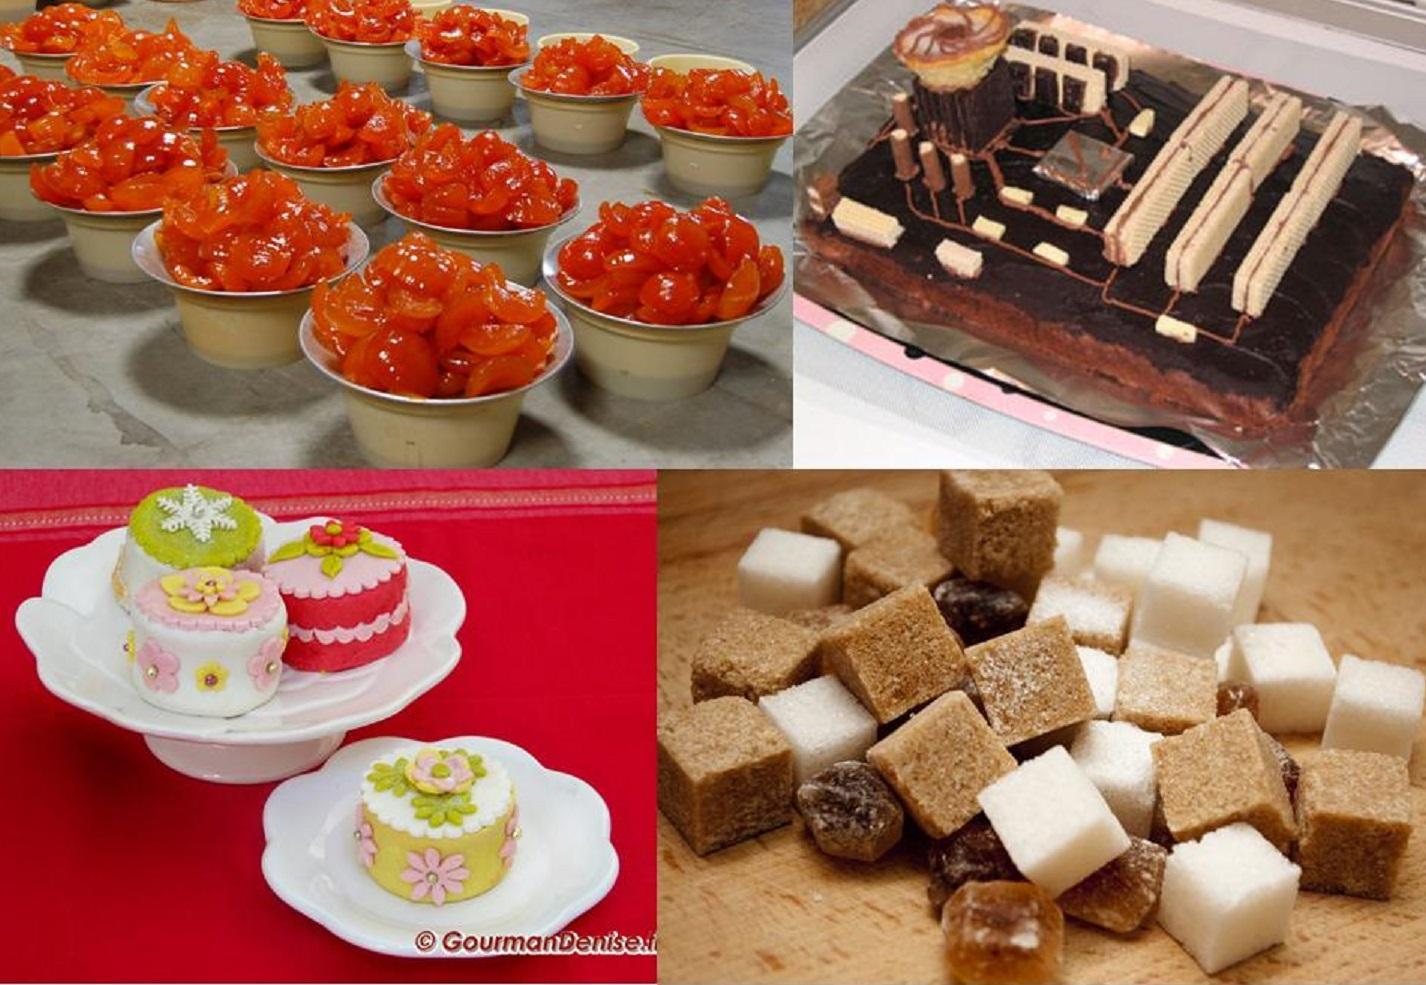 Le sucre, élément essentiel pour notre vie et élément dangereux, aussi !